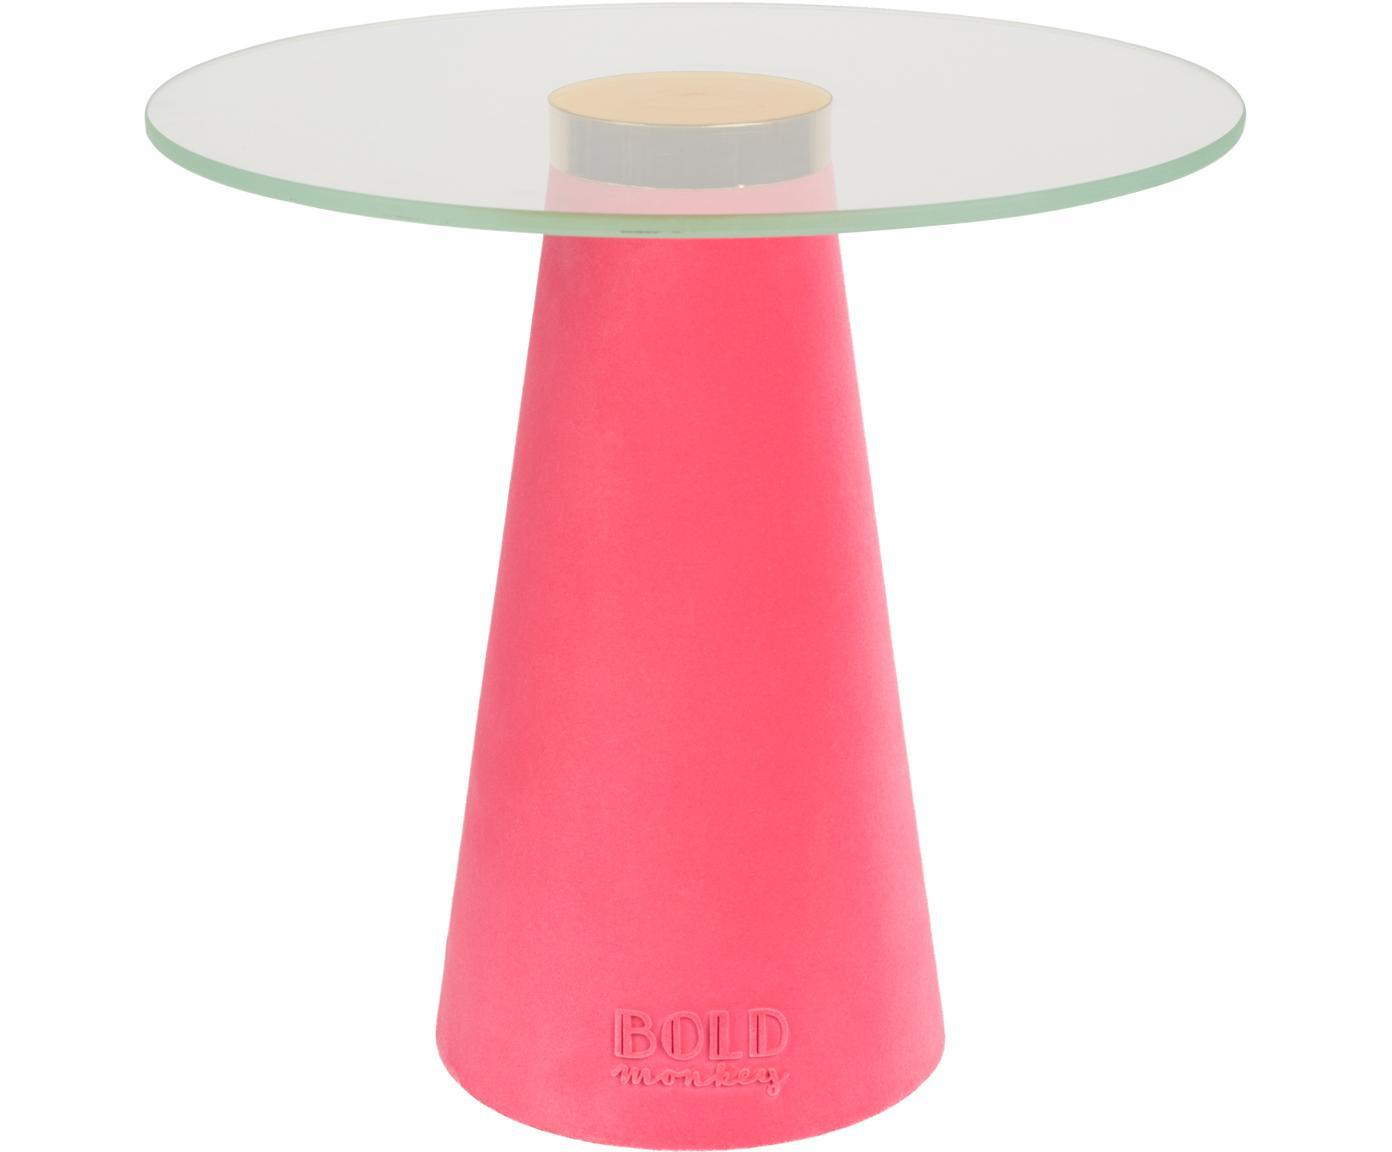 Beistelltisch Leader Of The Fanclub mit Glasplatte, Tischplatte: Hartglas, Fuß: Polyresin, beschichtet, A, Pink, Ø 40 x H 39 cm